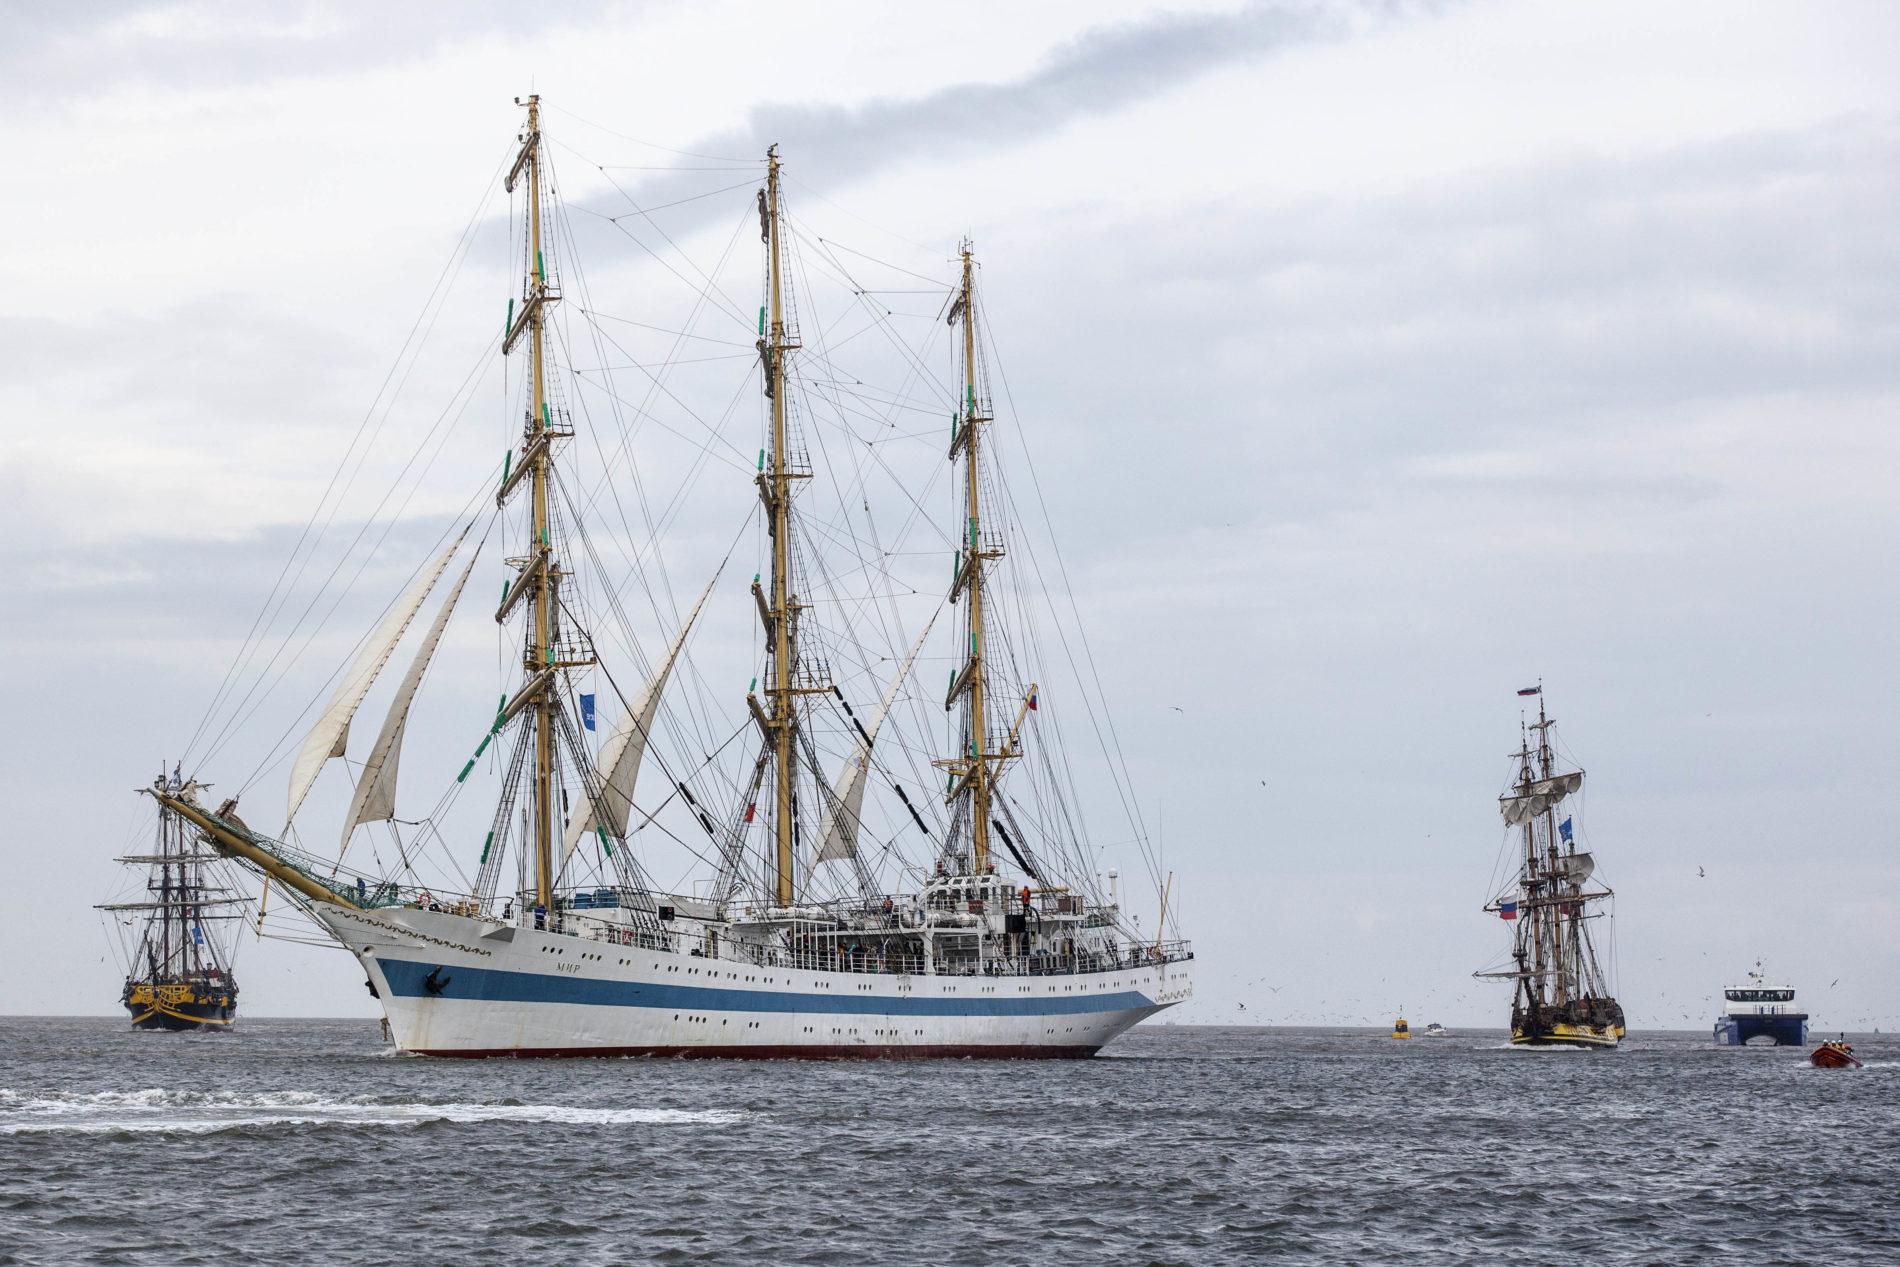 De MIR met zijn bekende blauwe streep over de boot vaart door het water